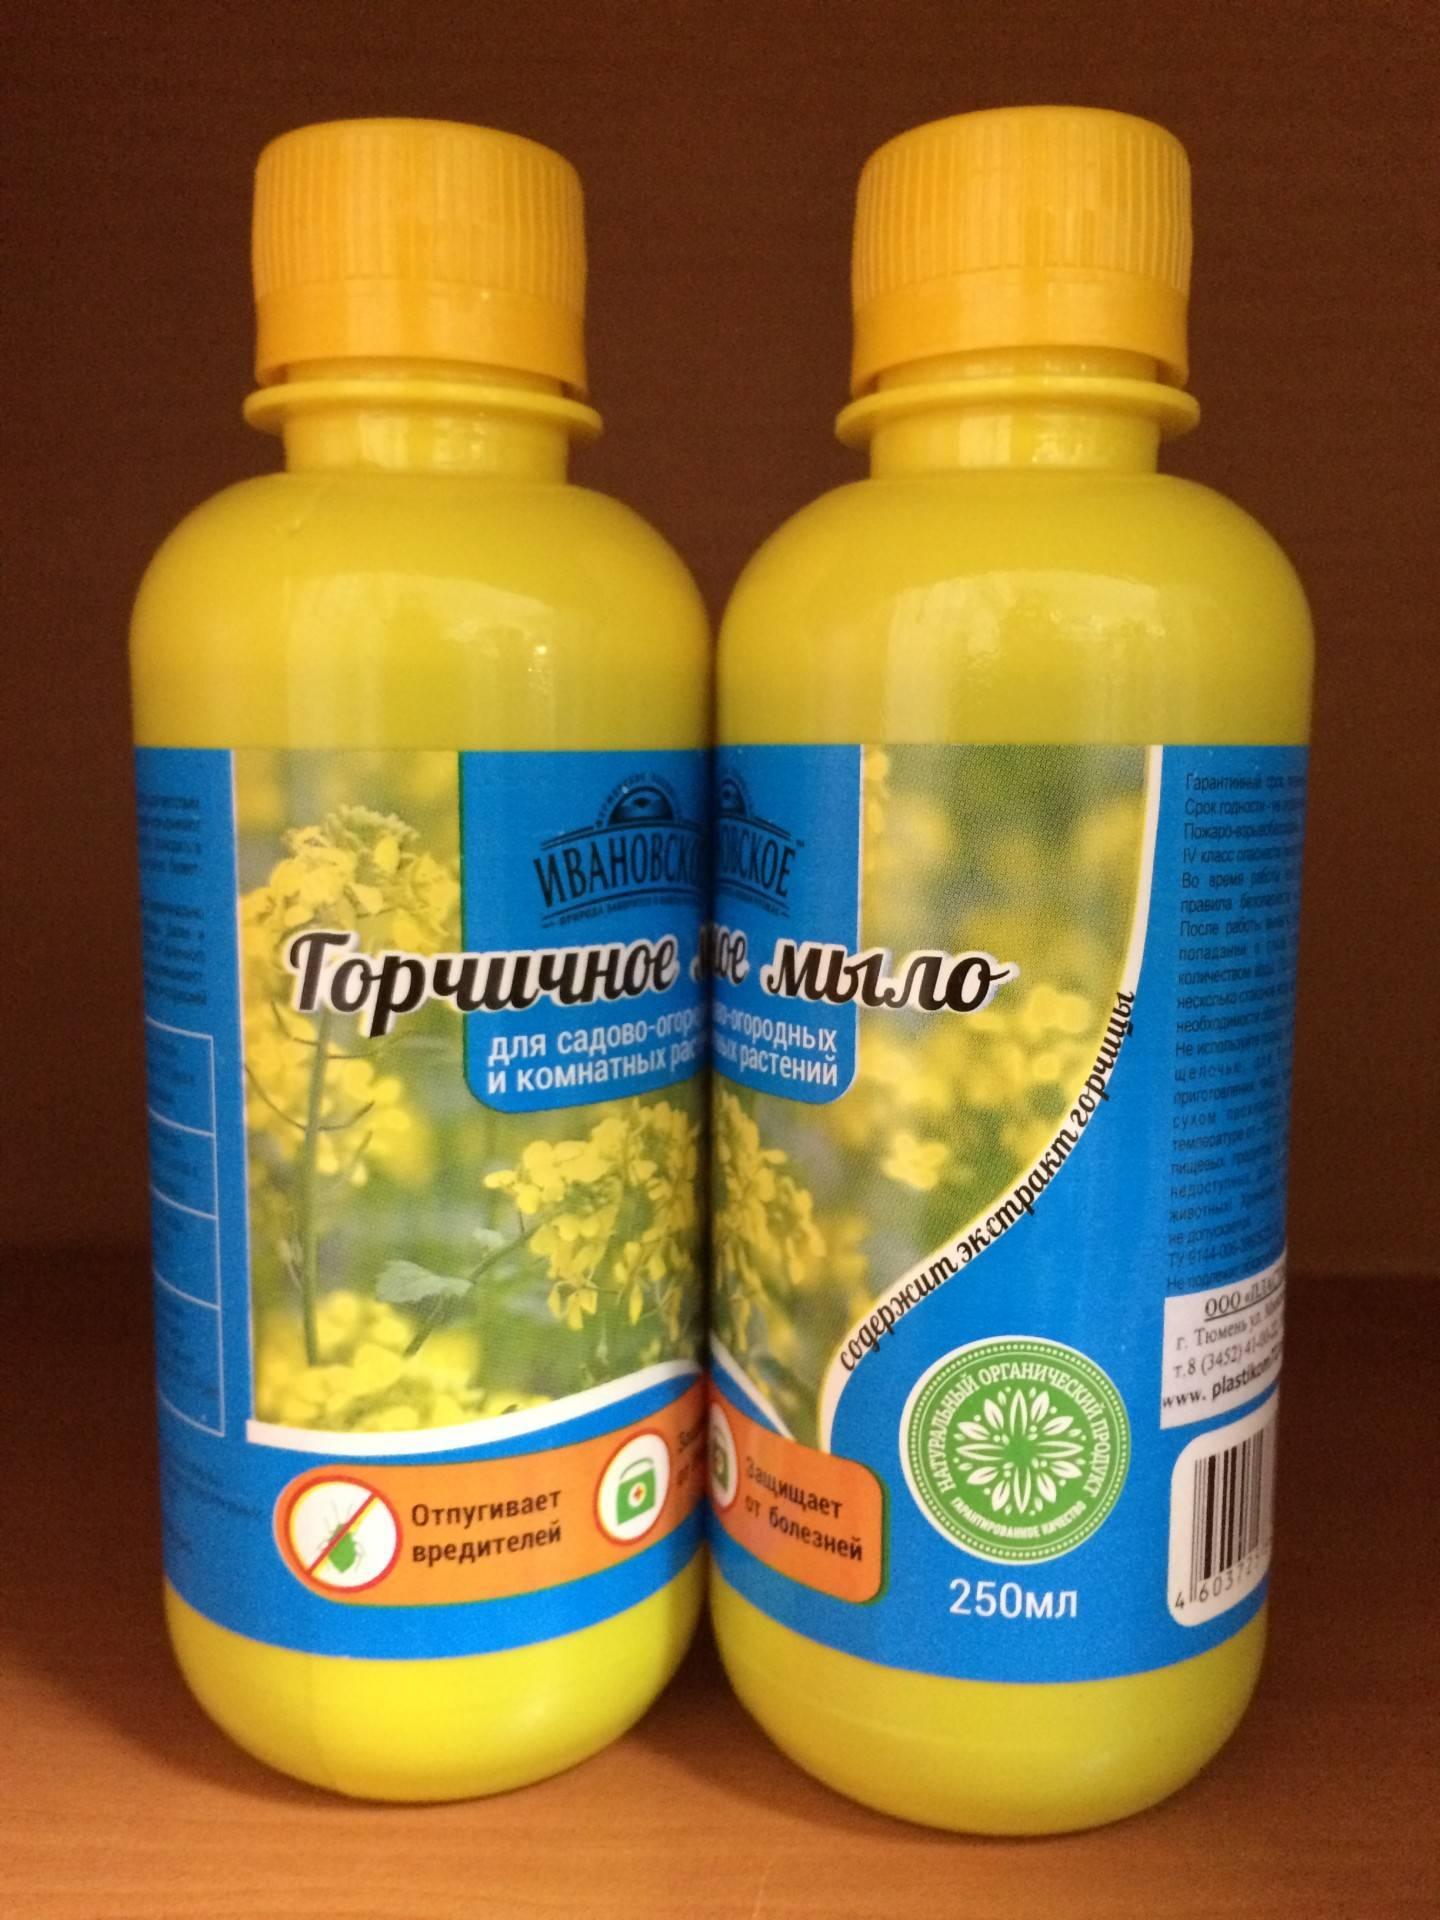 Зеленое мыло — надежная броня для растений